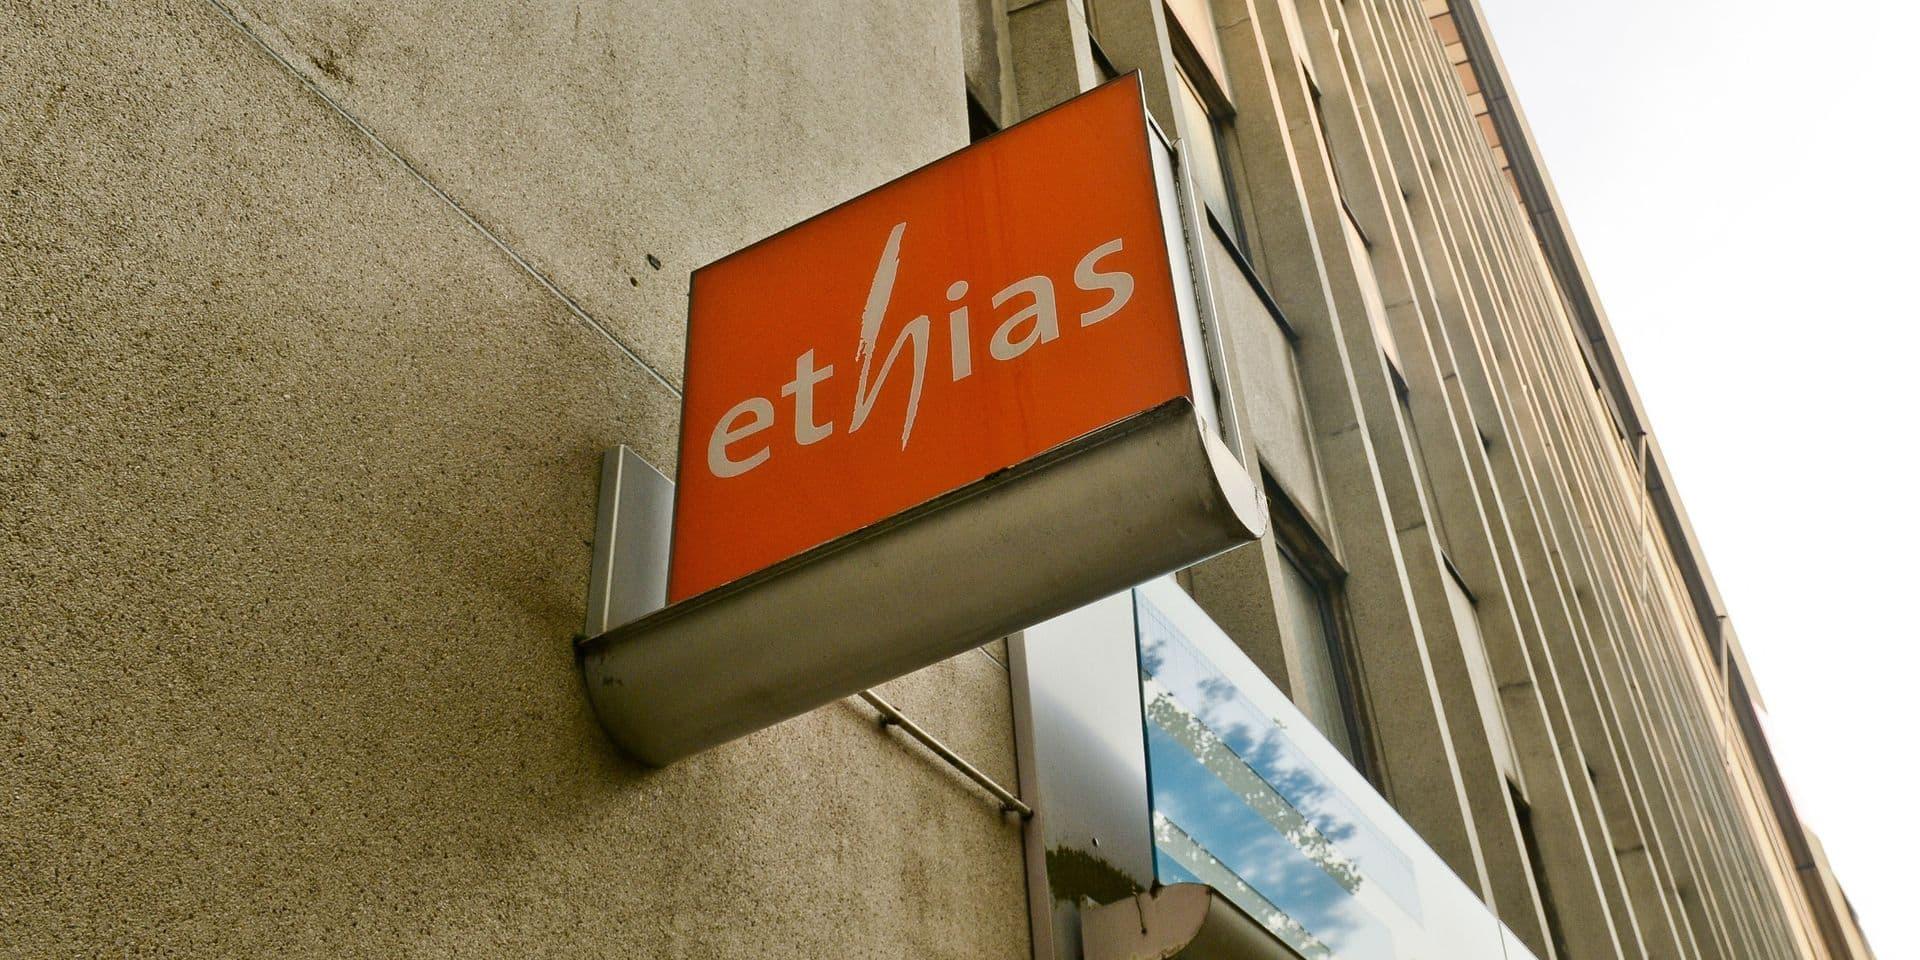 Ethias : d'excellents résultats pour la société liégeoise